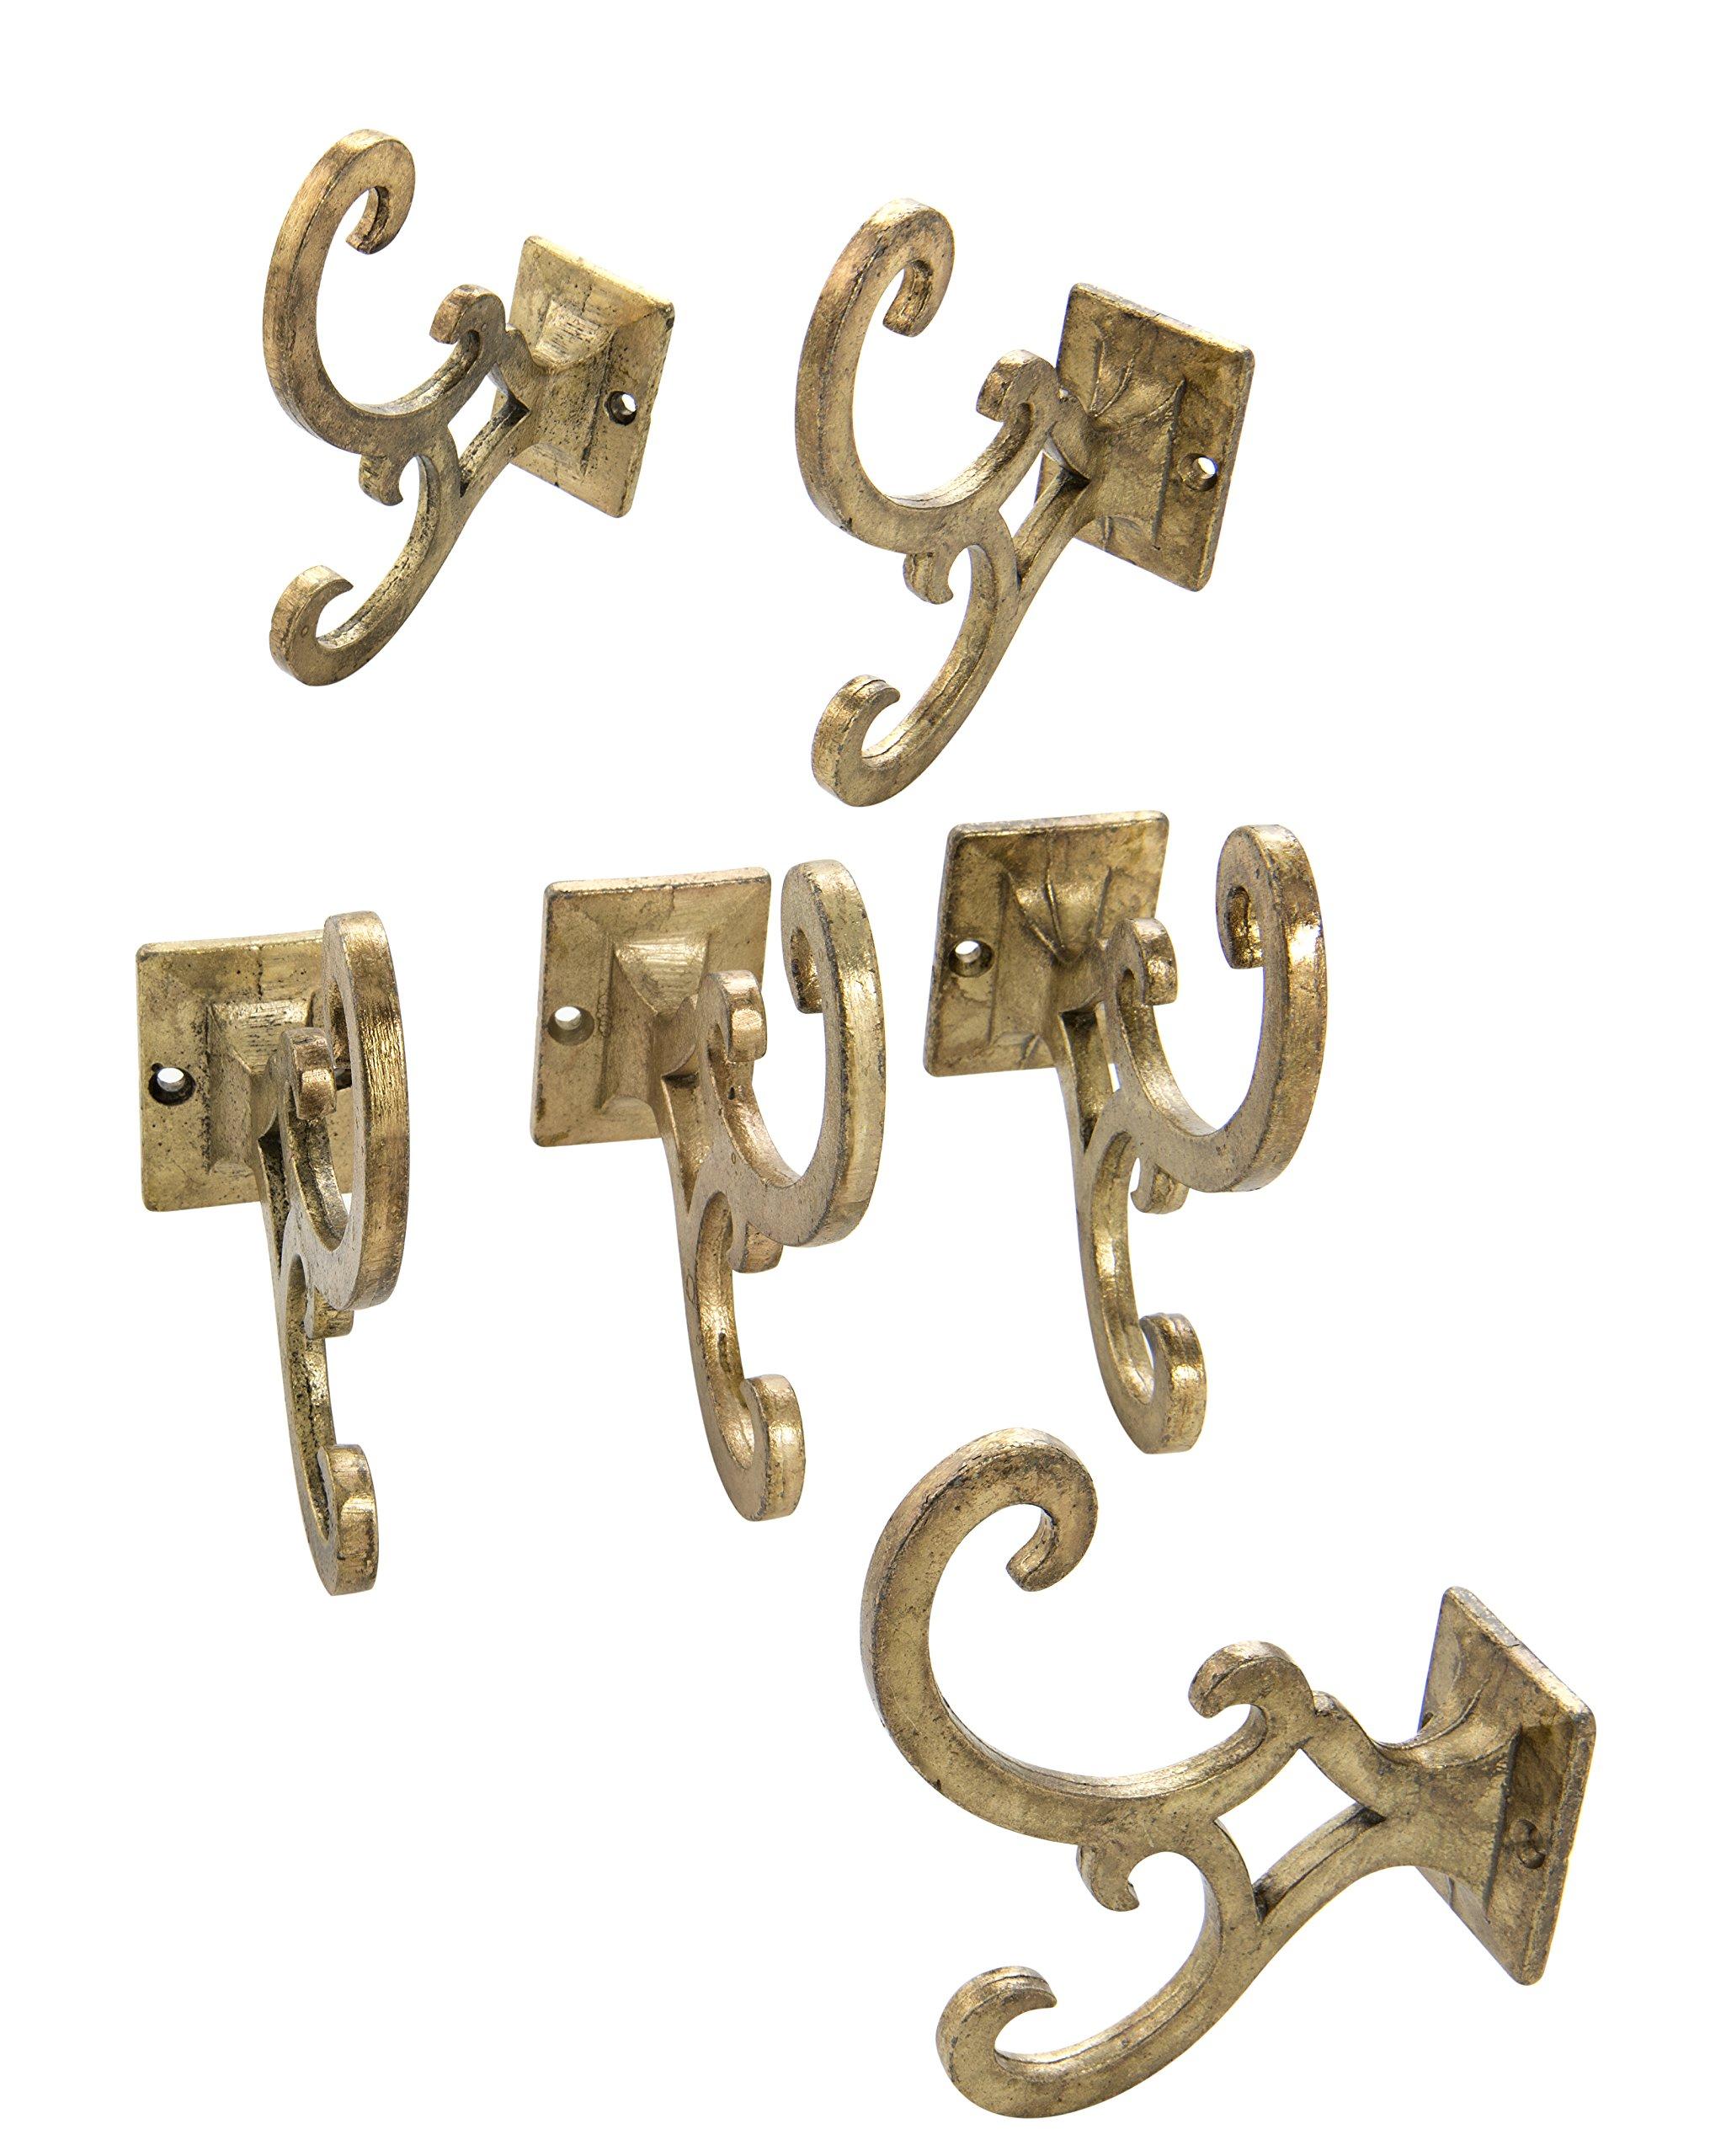 Dritz Home 47090A Metal Modern Wall Hook, Brass Wall Hooks